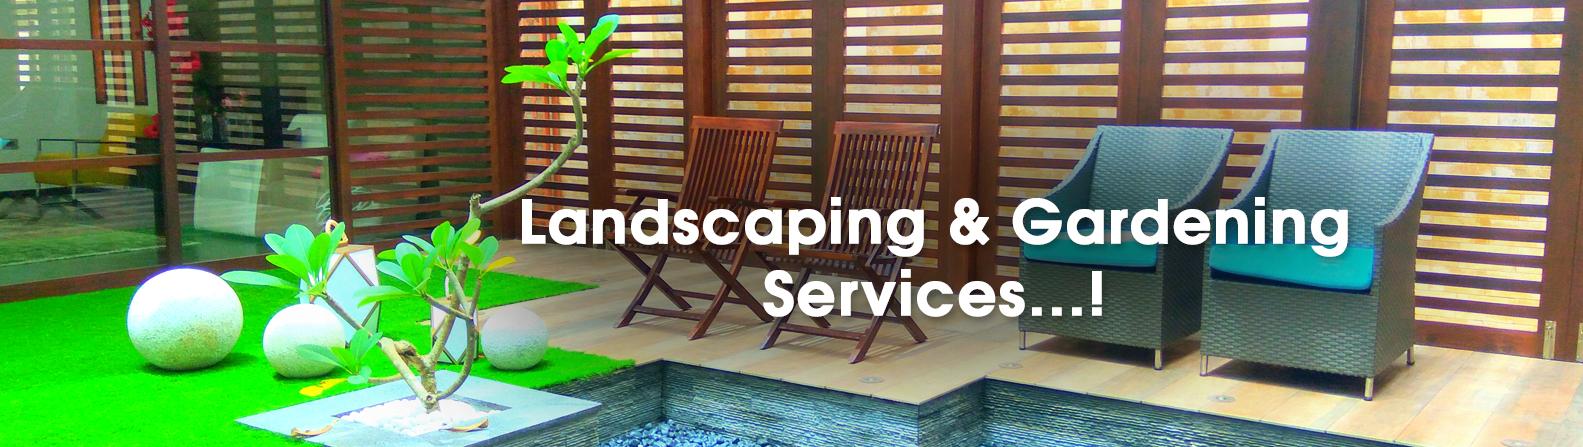 Landscape & Gardening Services